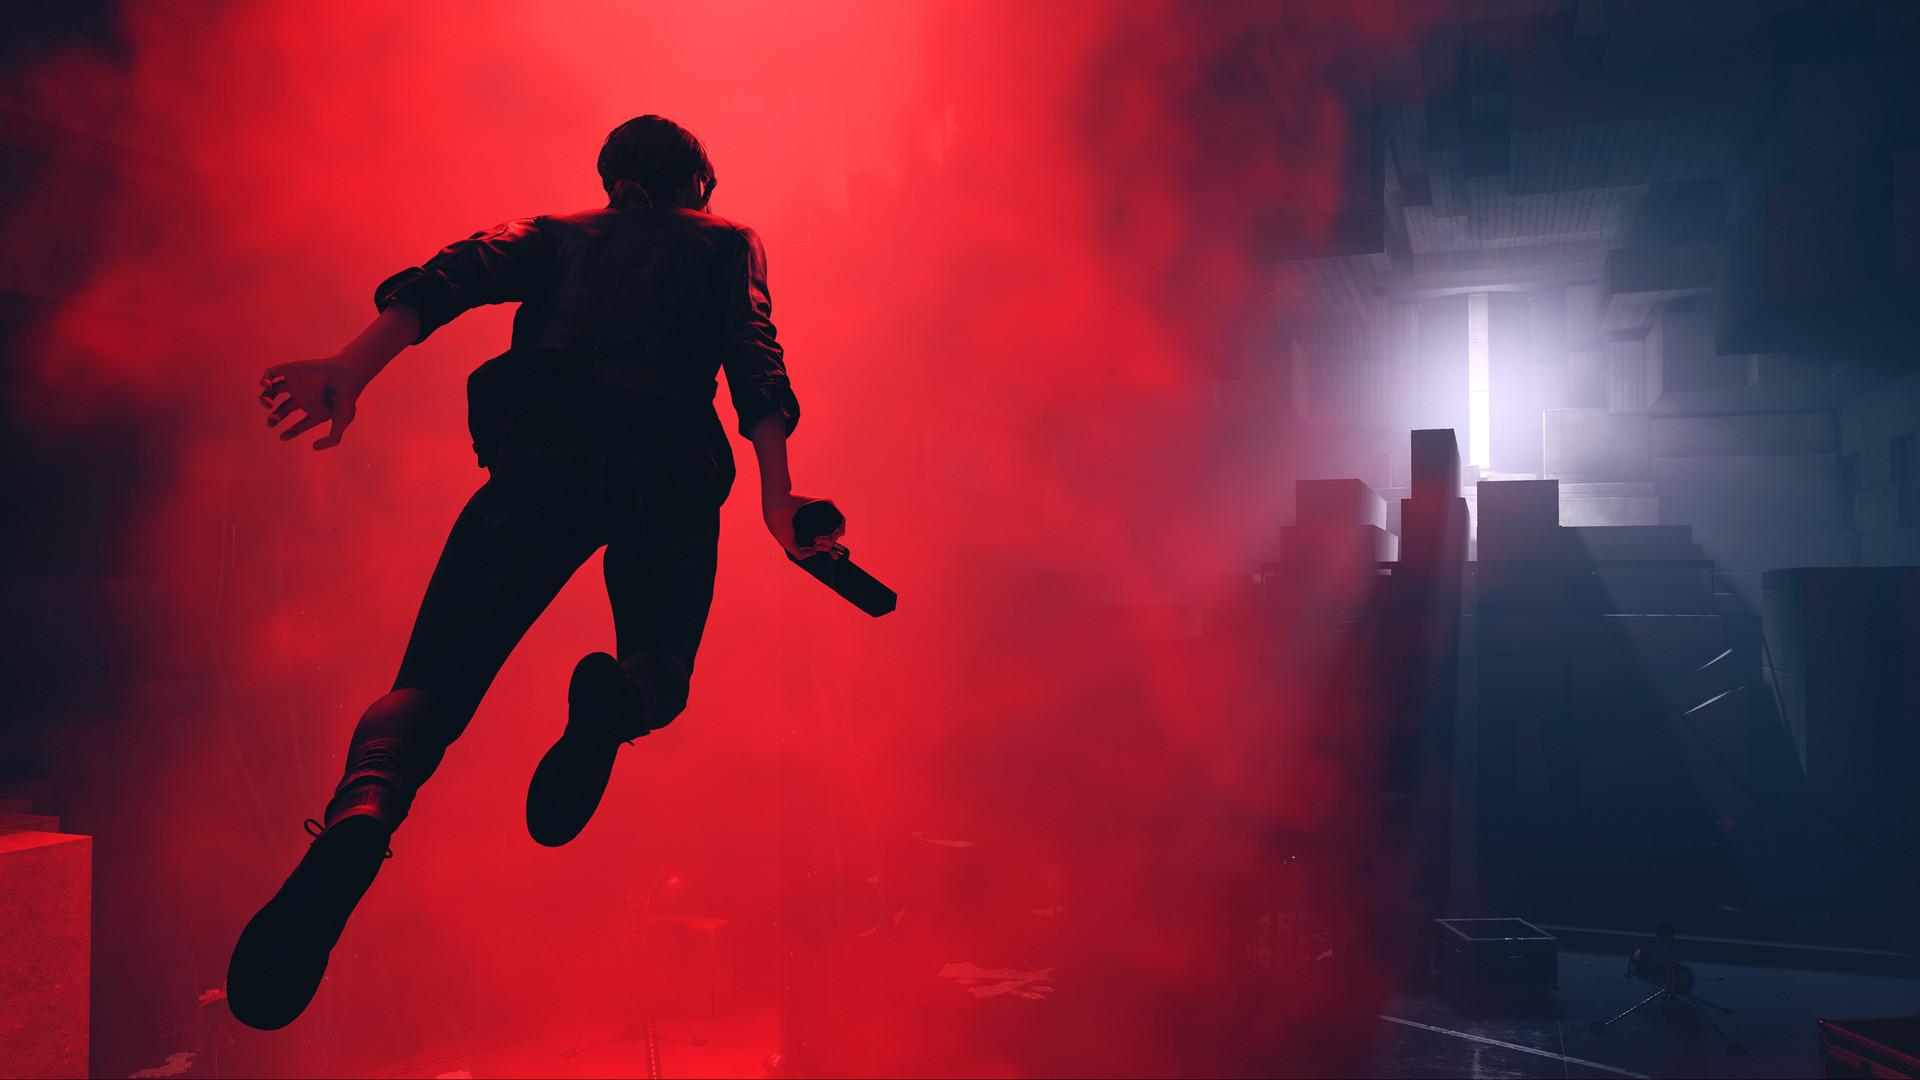 Нарратив и «подземелья»: как геймдизайнеру связать локации с сюжетом